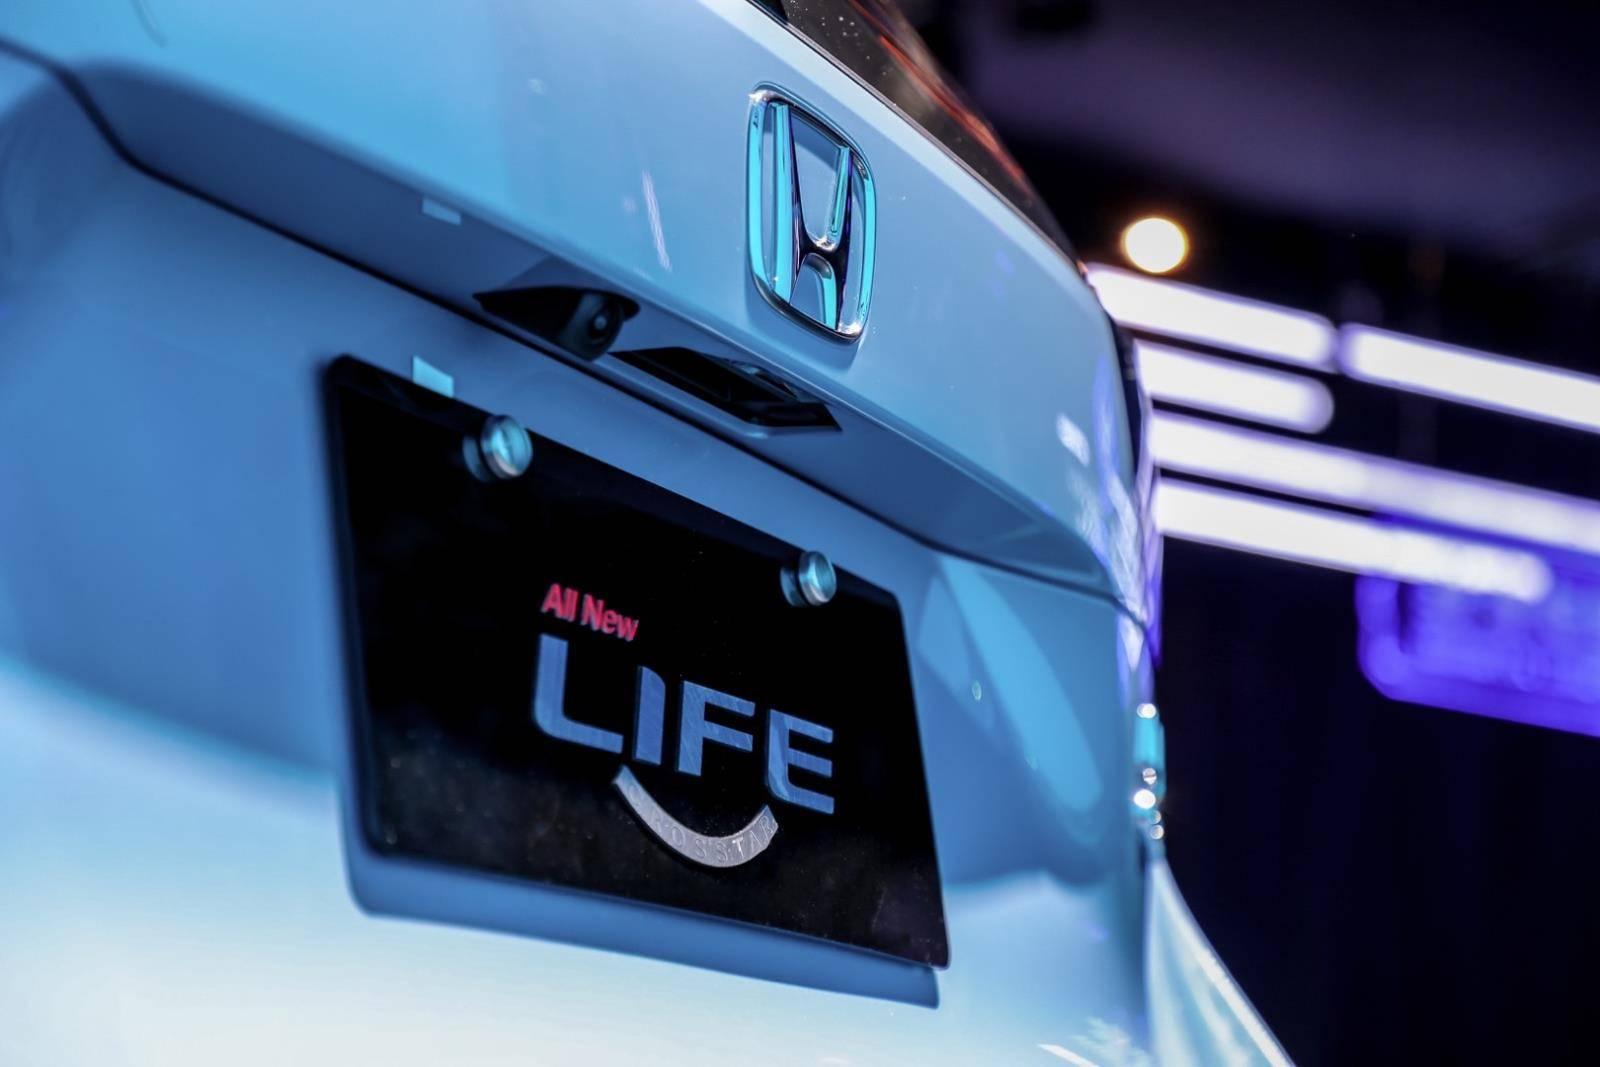 东风本田LIFE亮相 造型运动/搭飞度同款动力 于12月上市